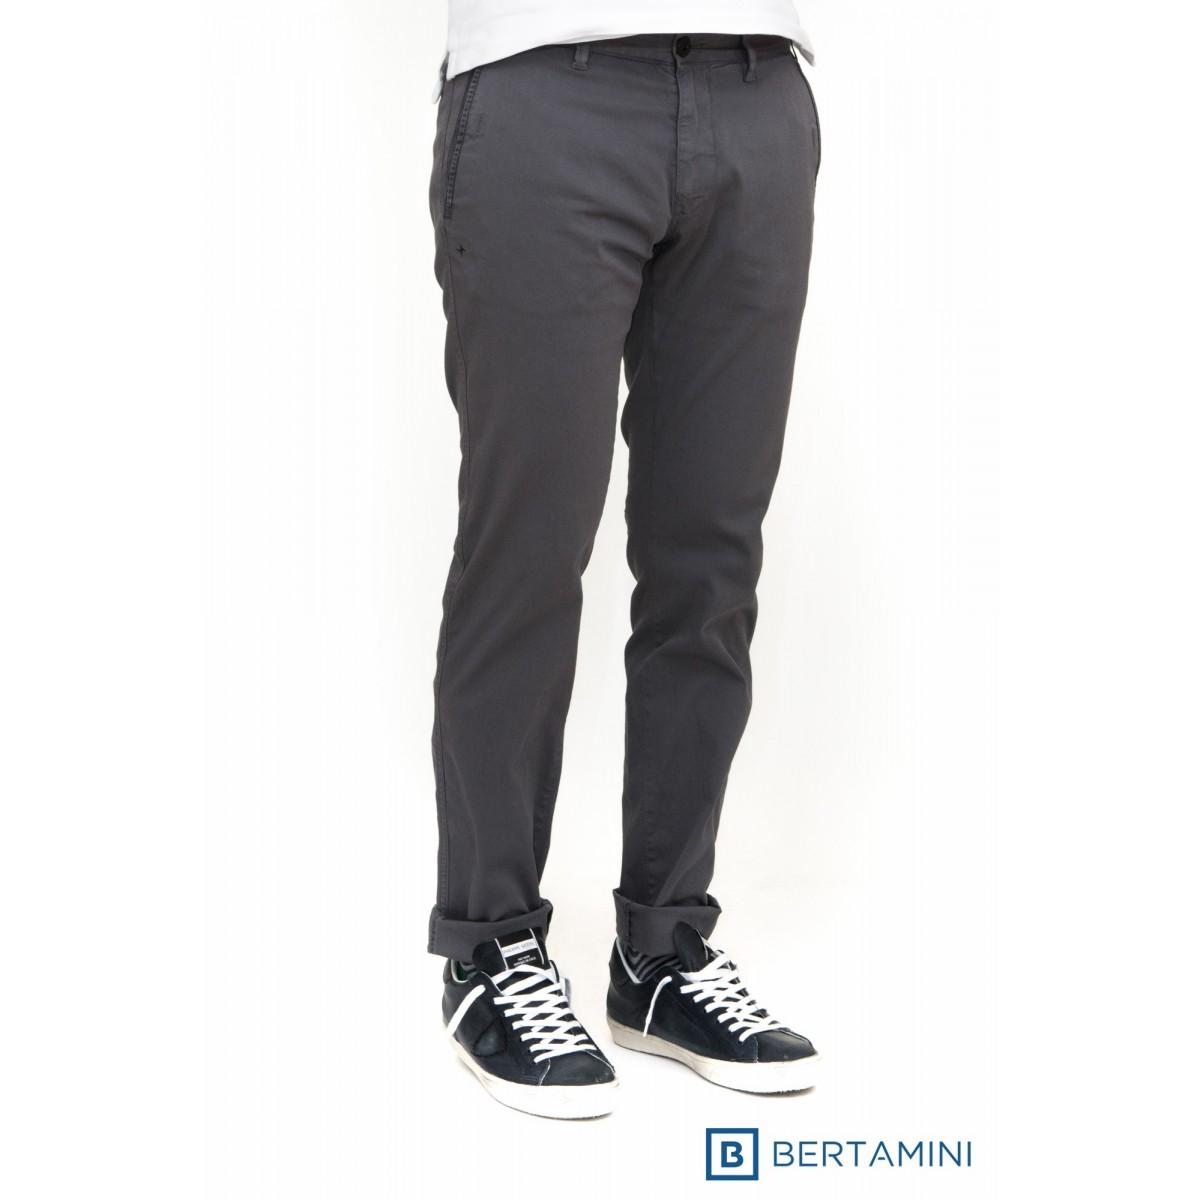 Pantalone uomo Stone island - 30206 slim armaturato cotone strech